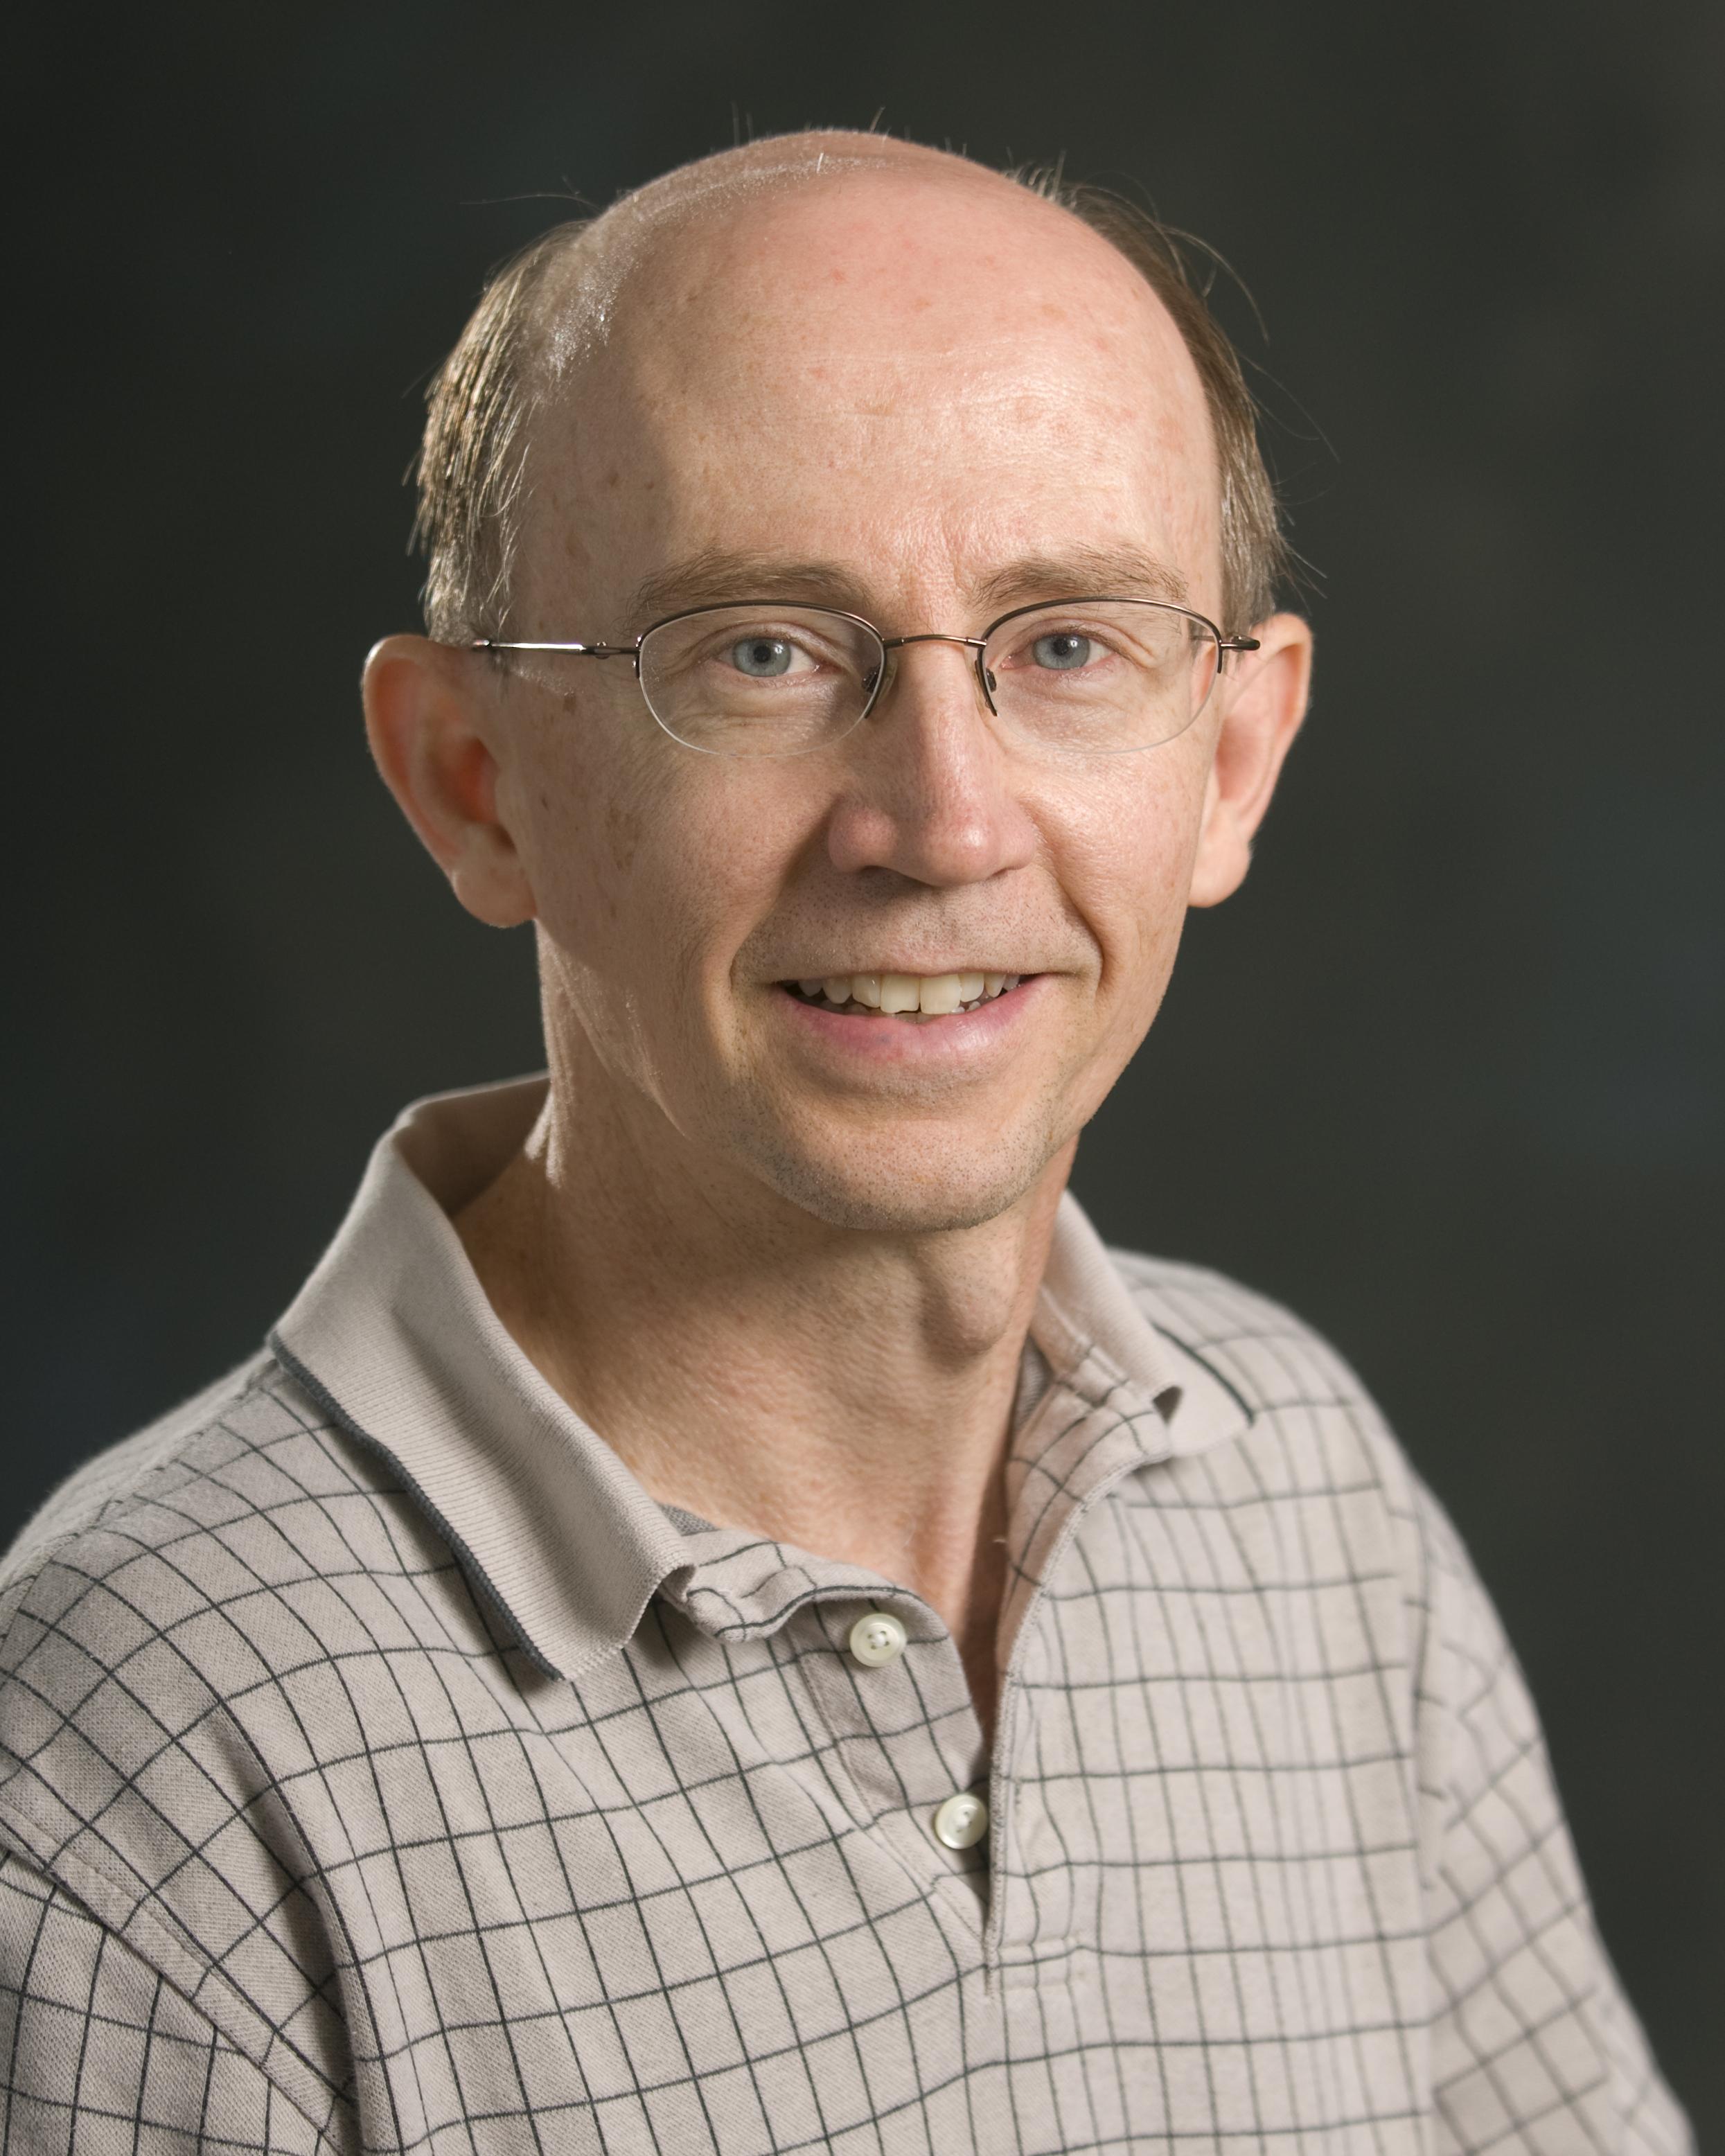 Bioreactor expertise